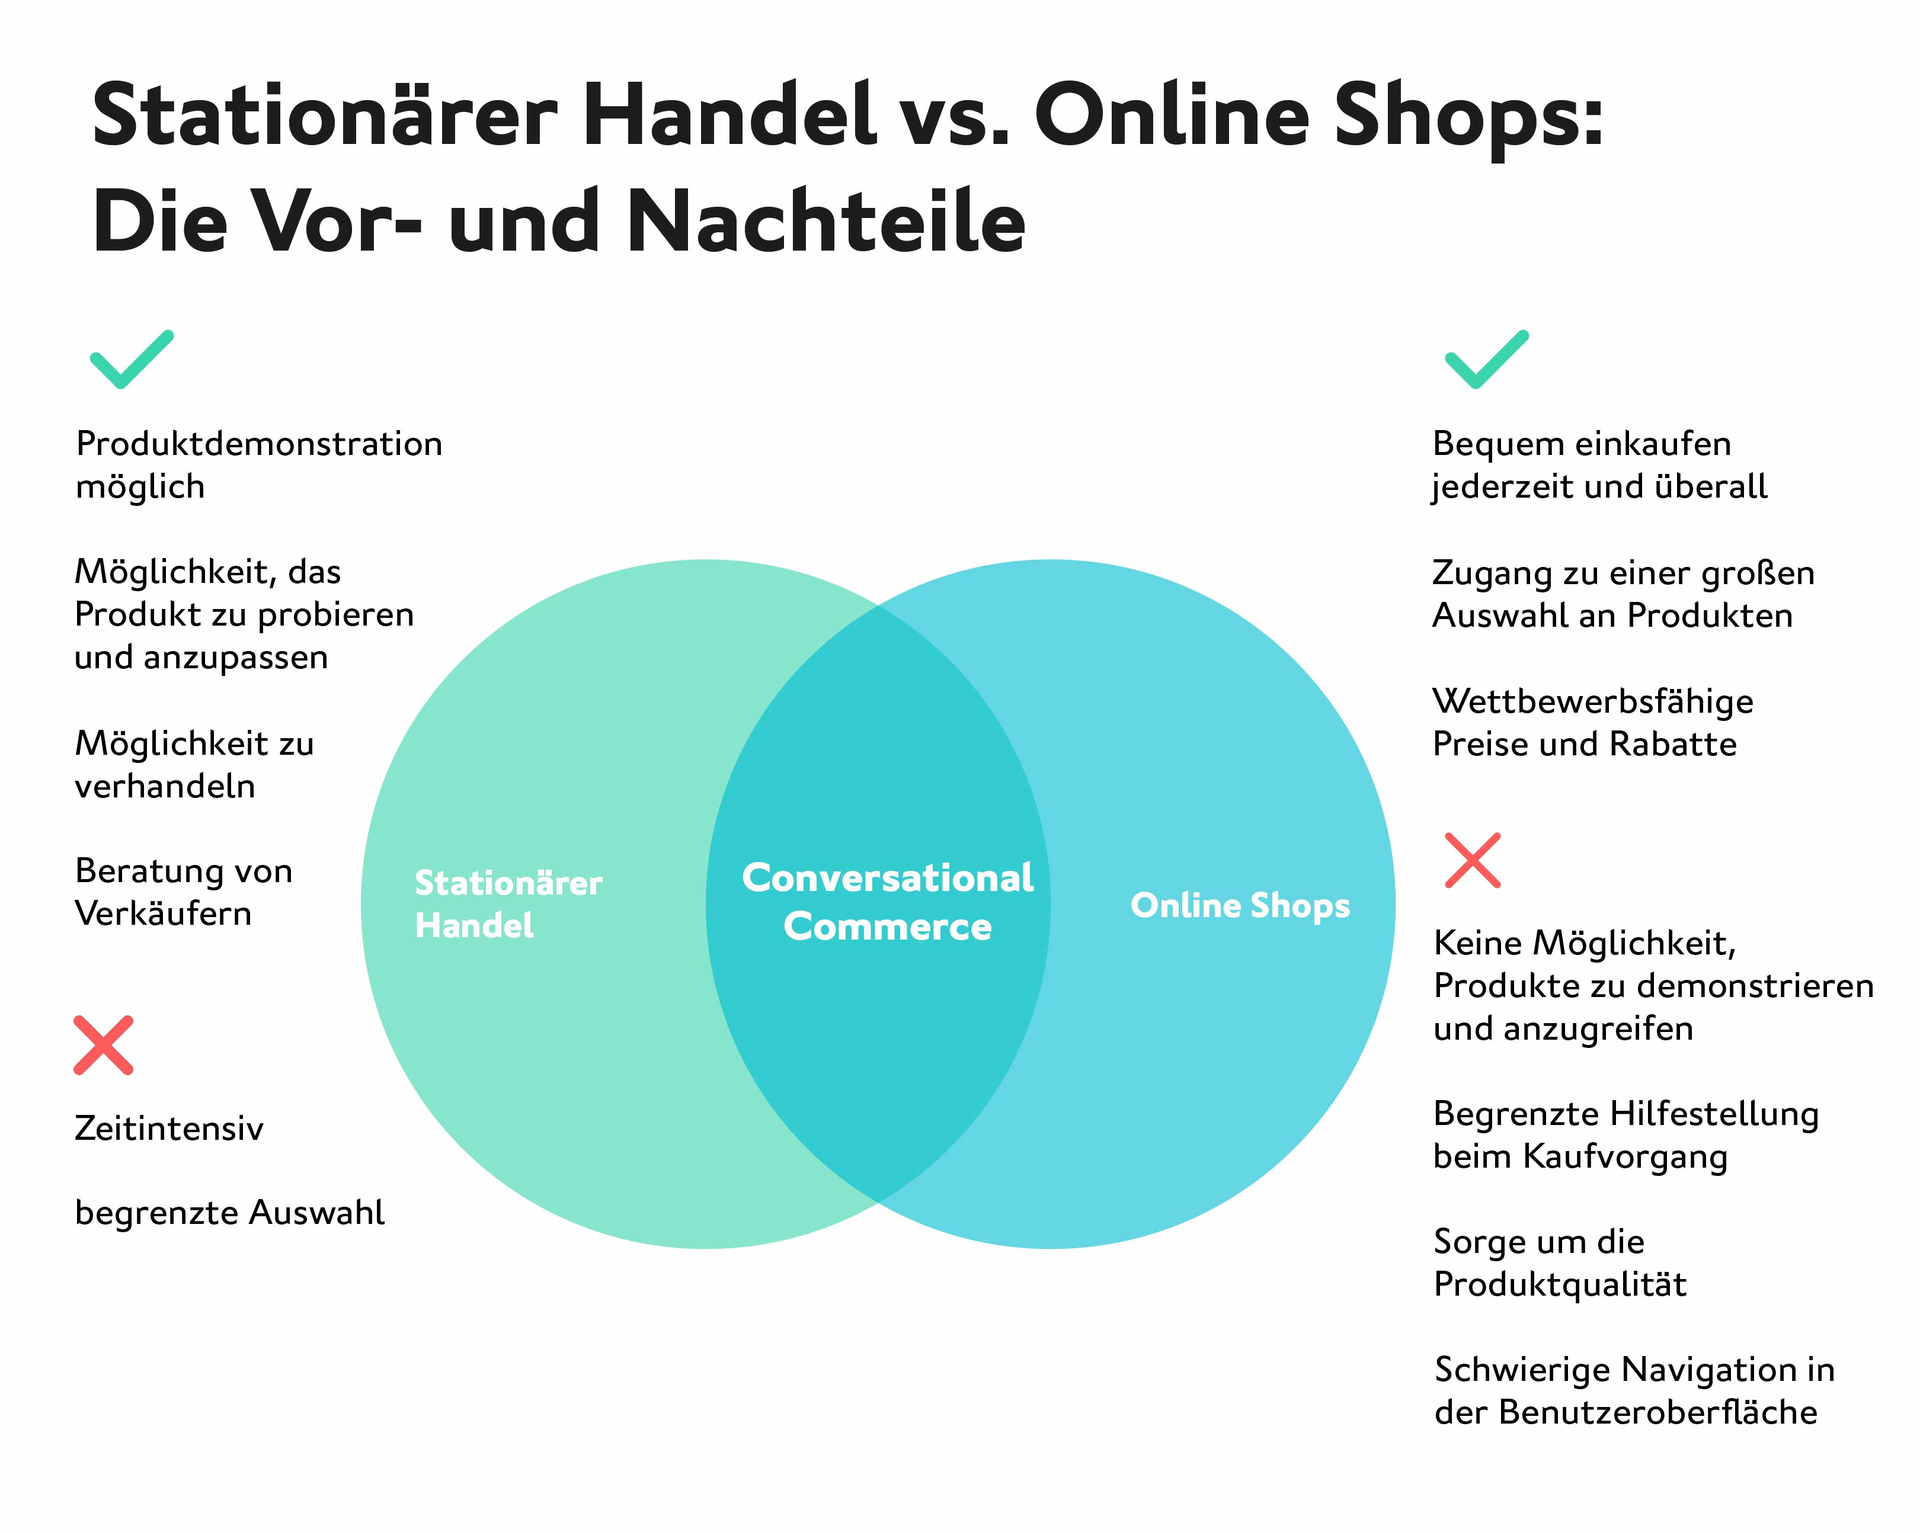 LINK Mobility - Stationärer Handel vs. Online Shops: Die Vor- und Nachteile in einer Infografik erklärt